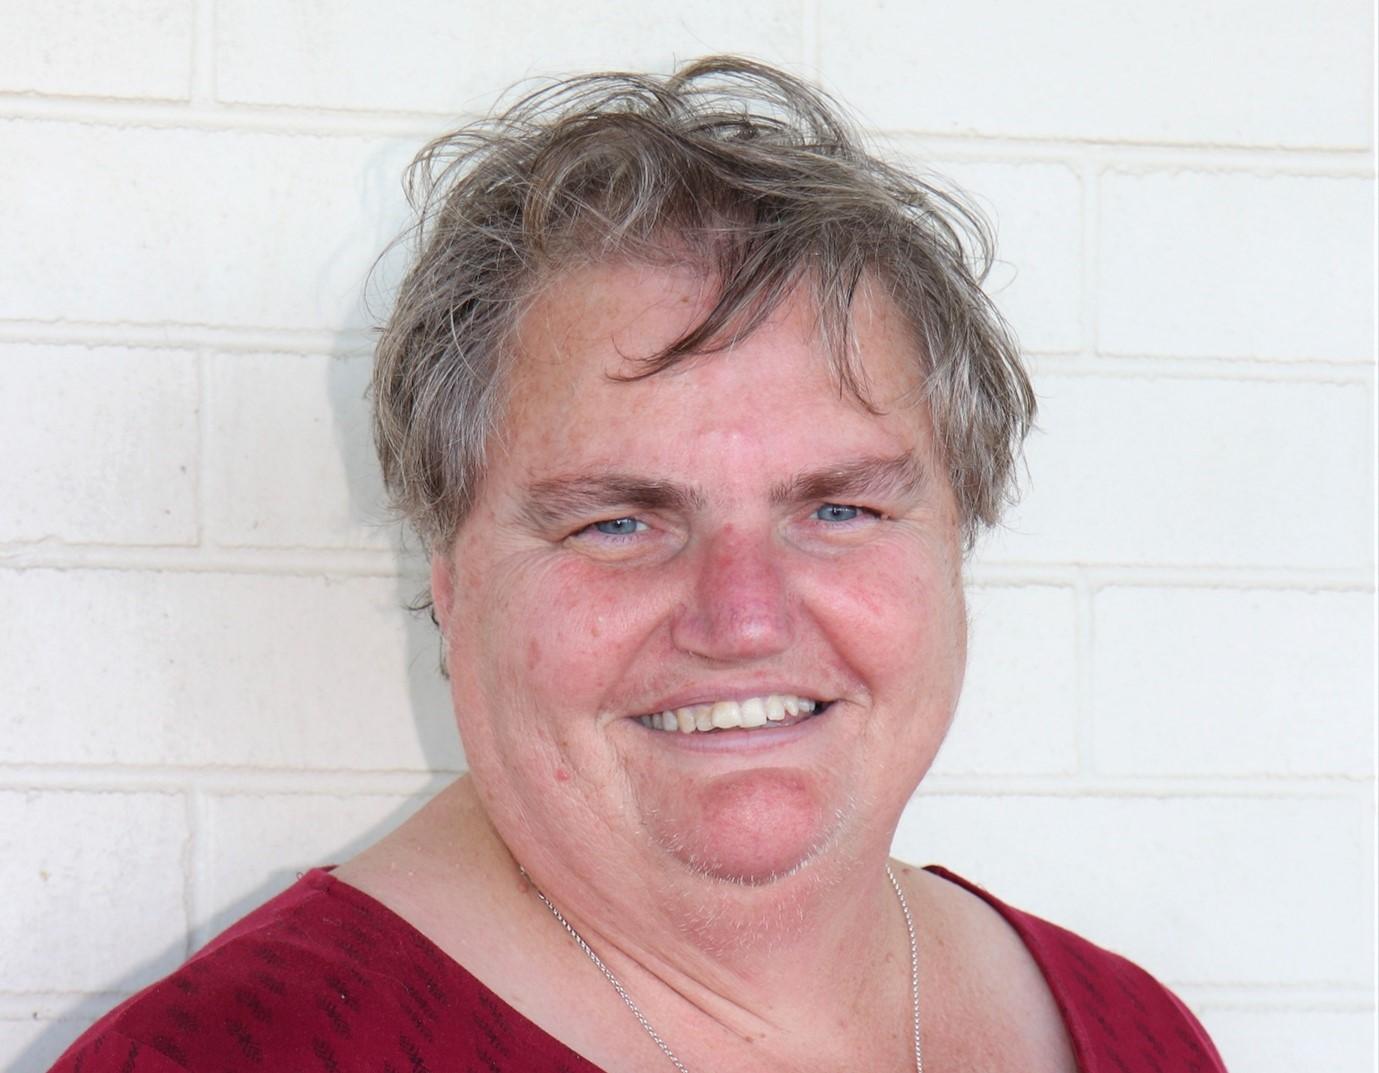 A photo of Sarah Simmonds